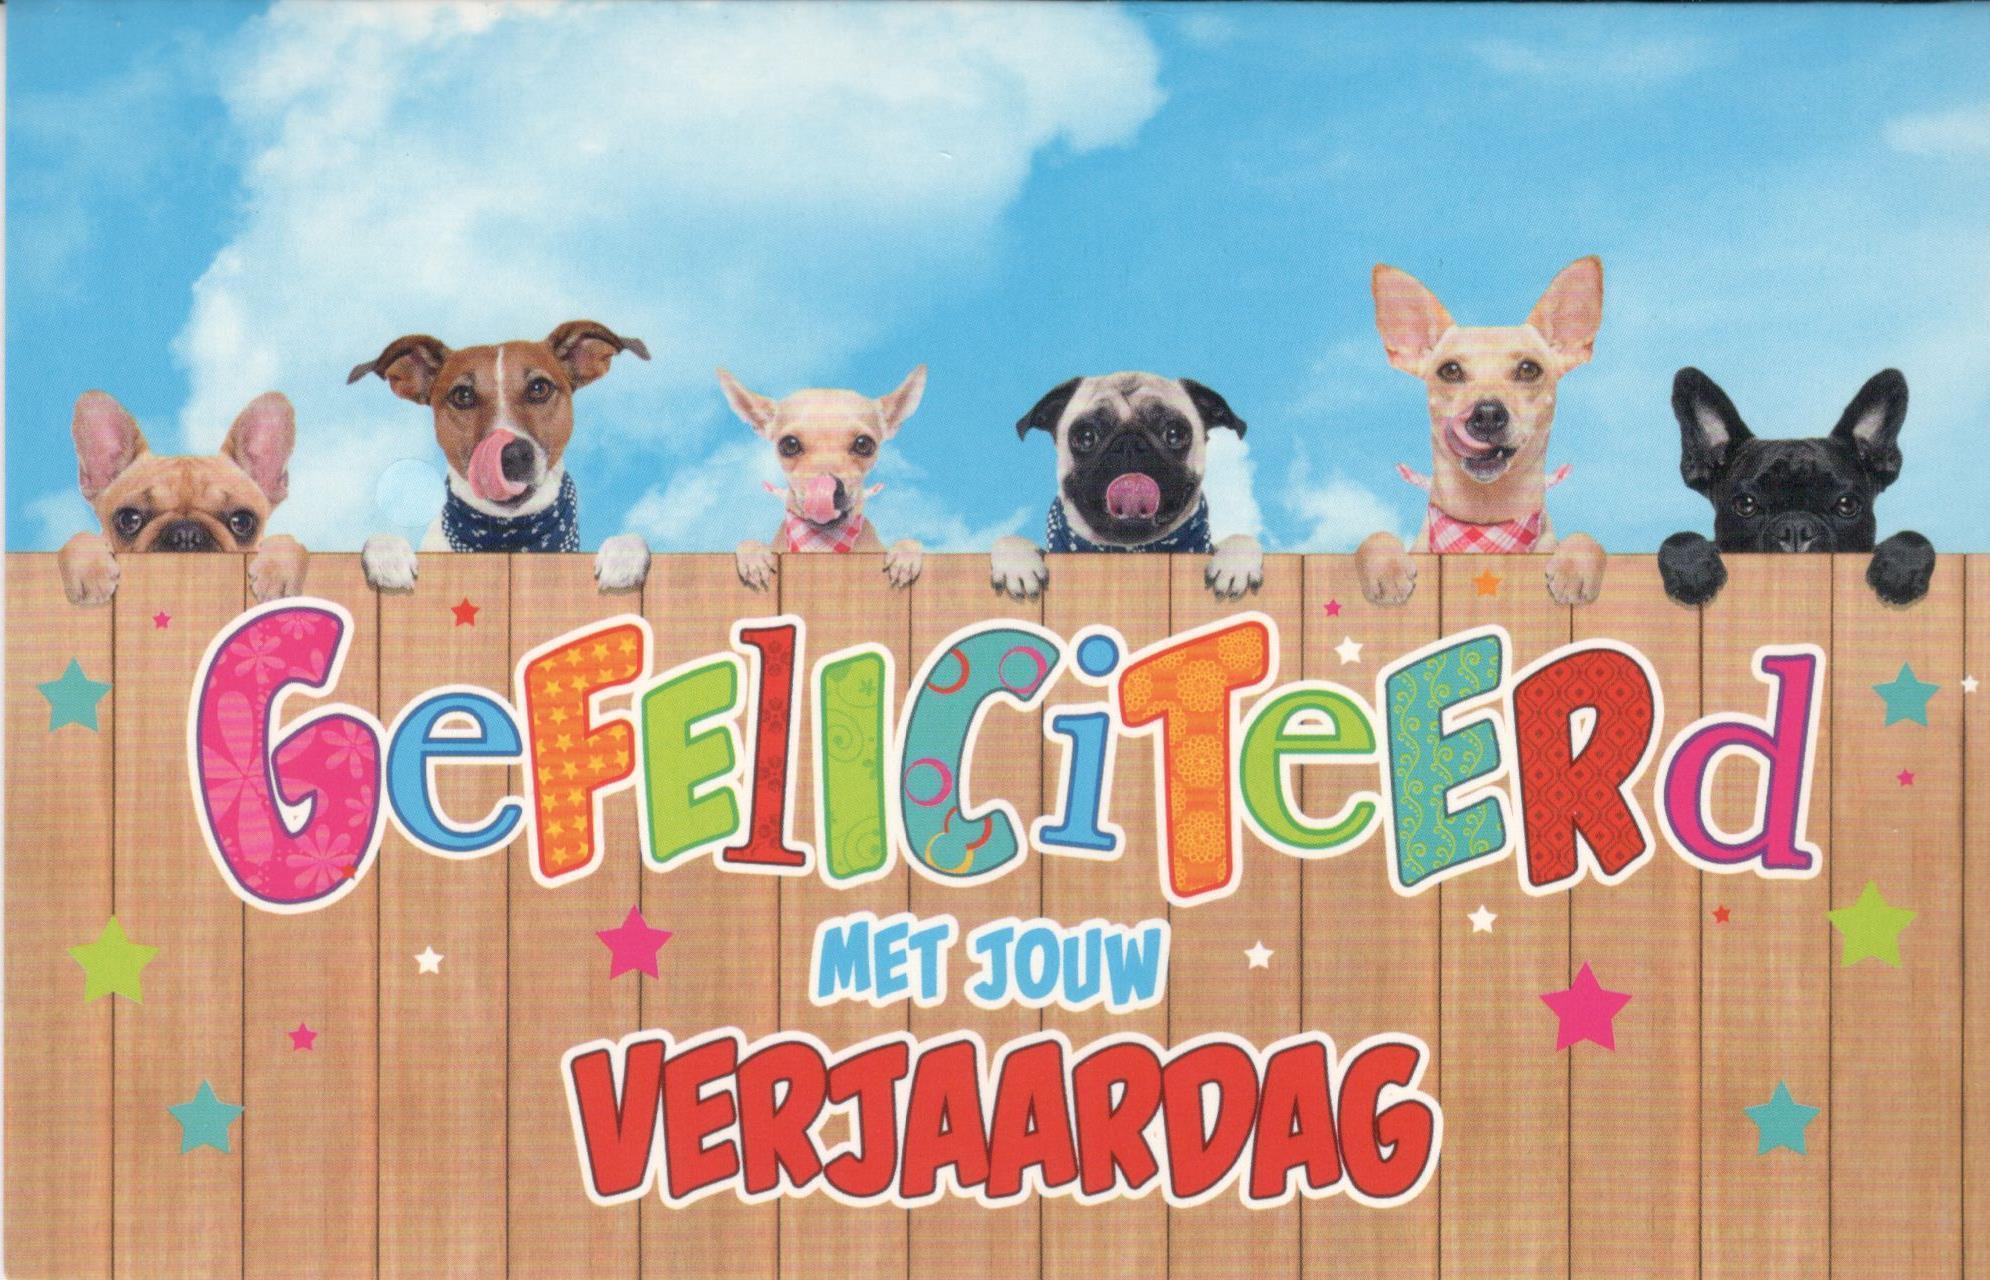 Populair Super grappige verjaardagskaartje met dieren #RE-21